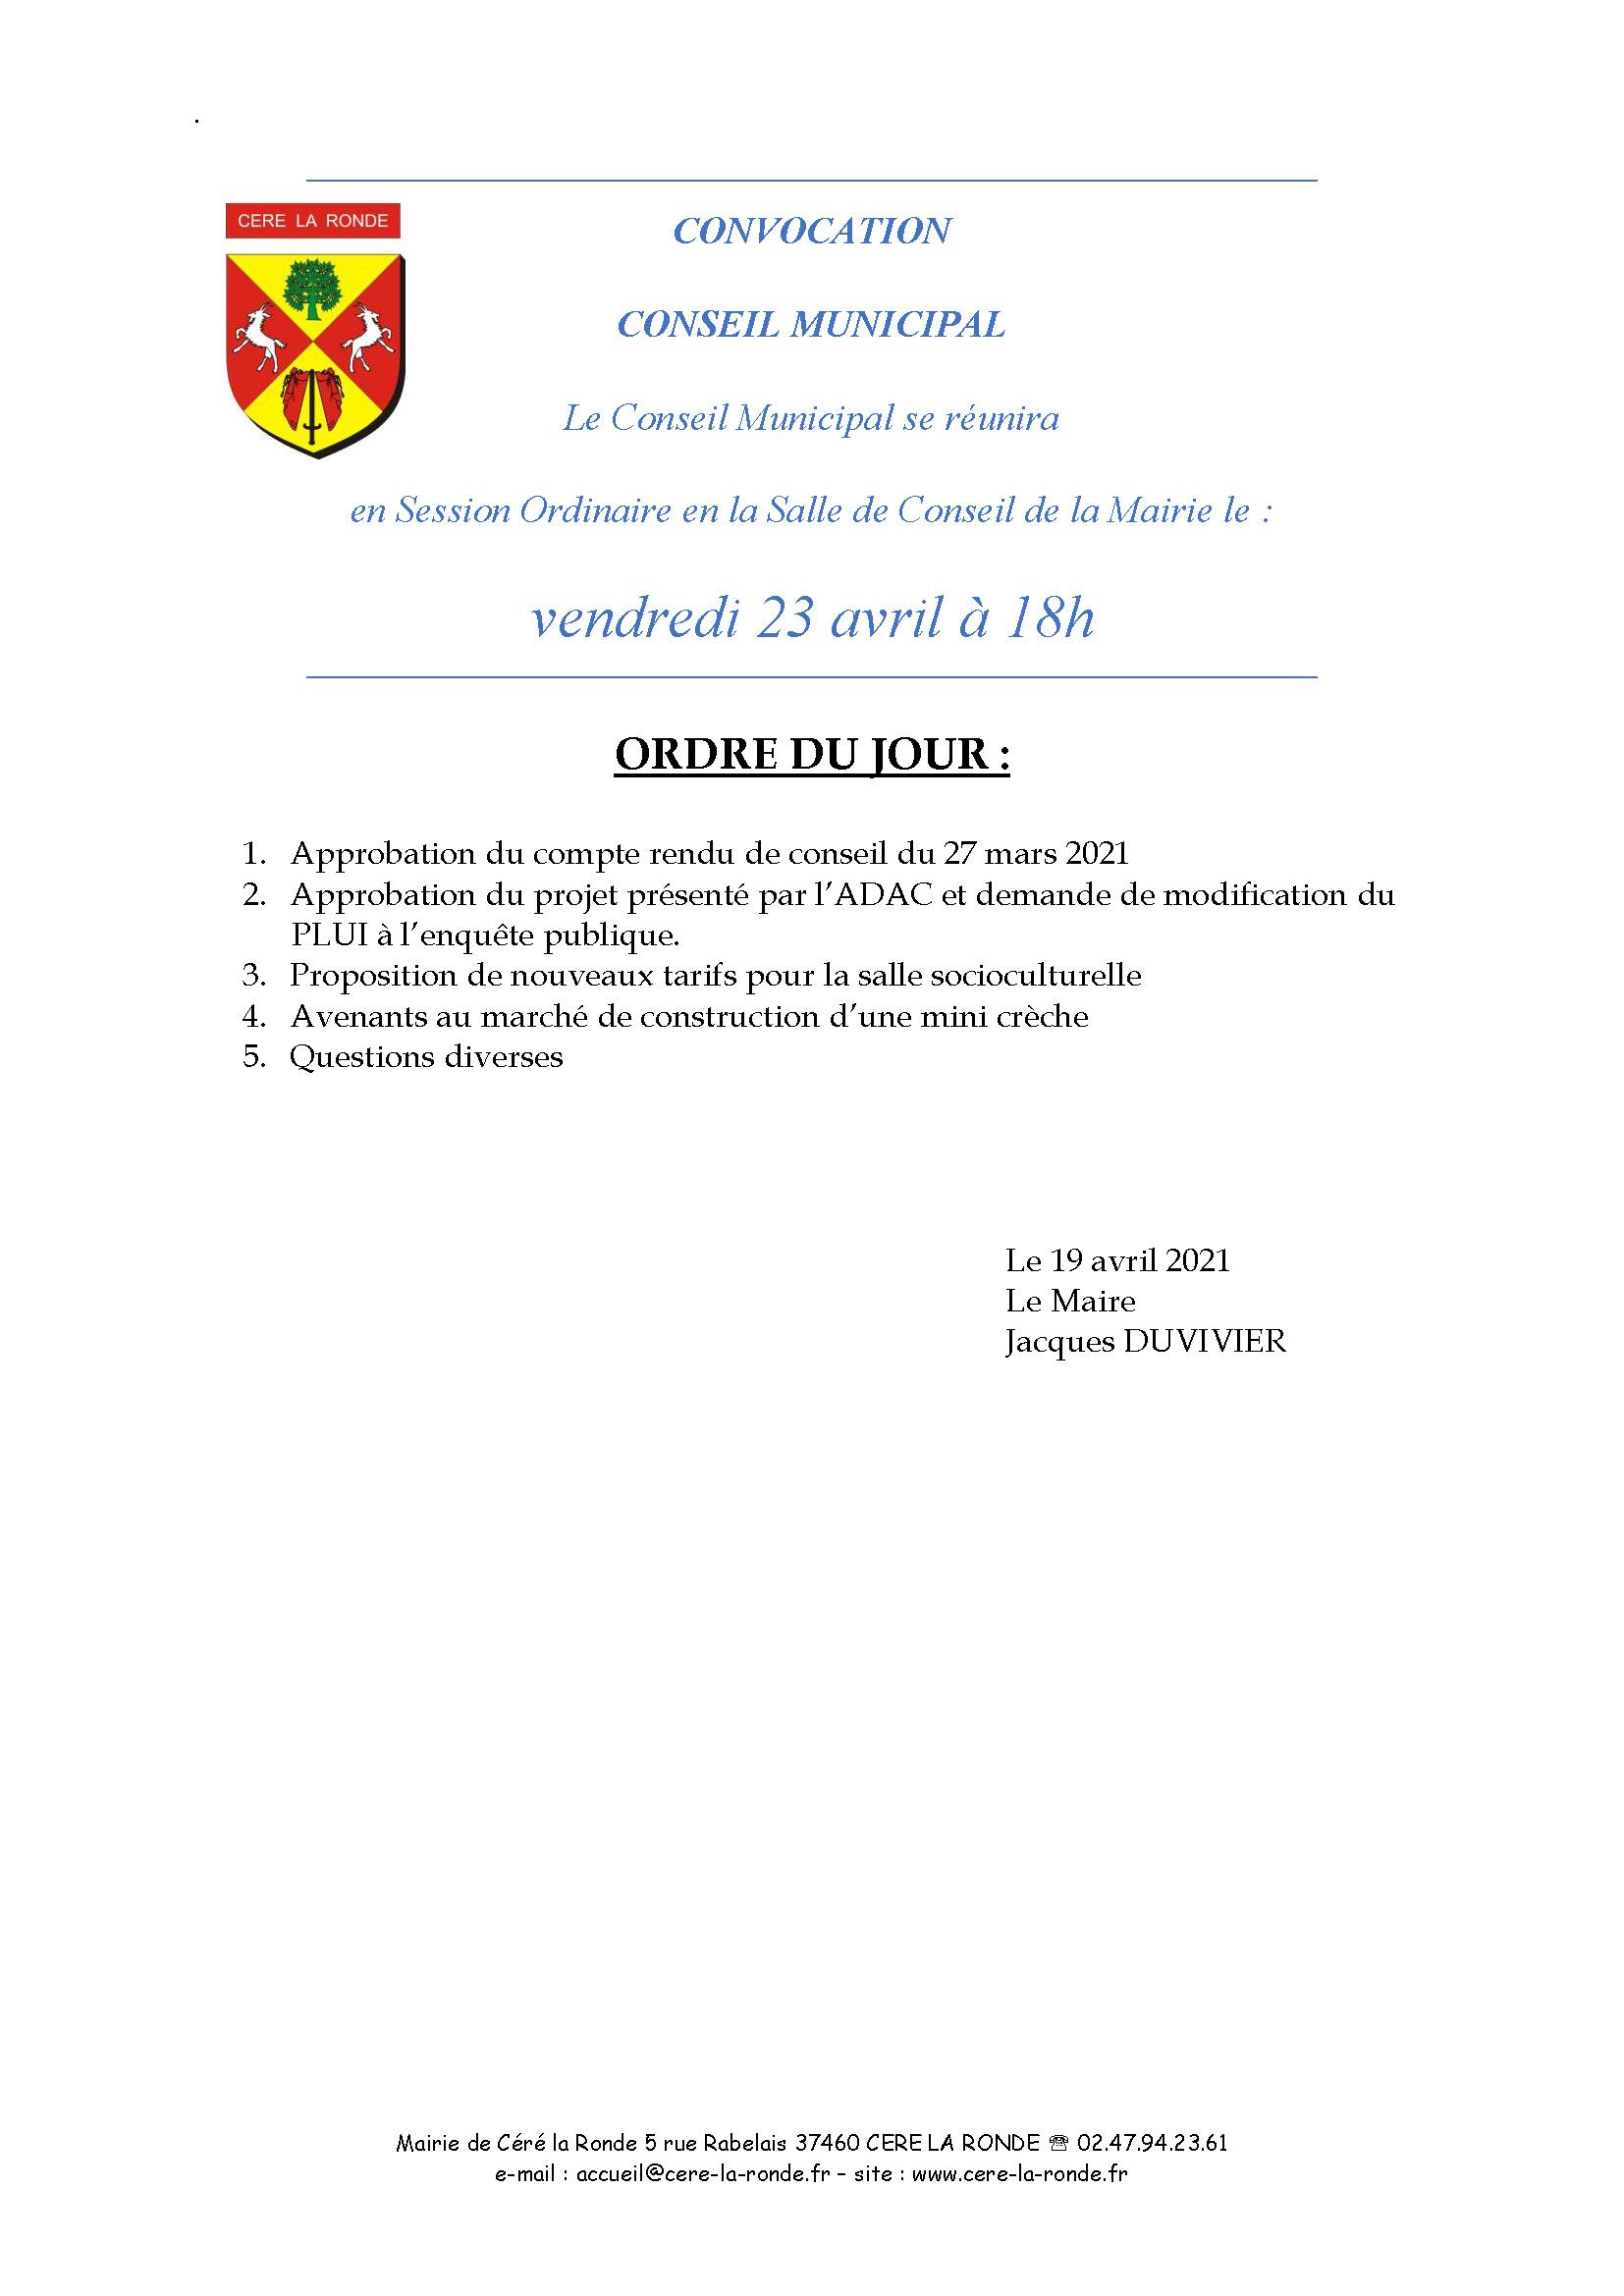 Convocation CM du 23.04.2021